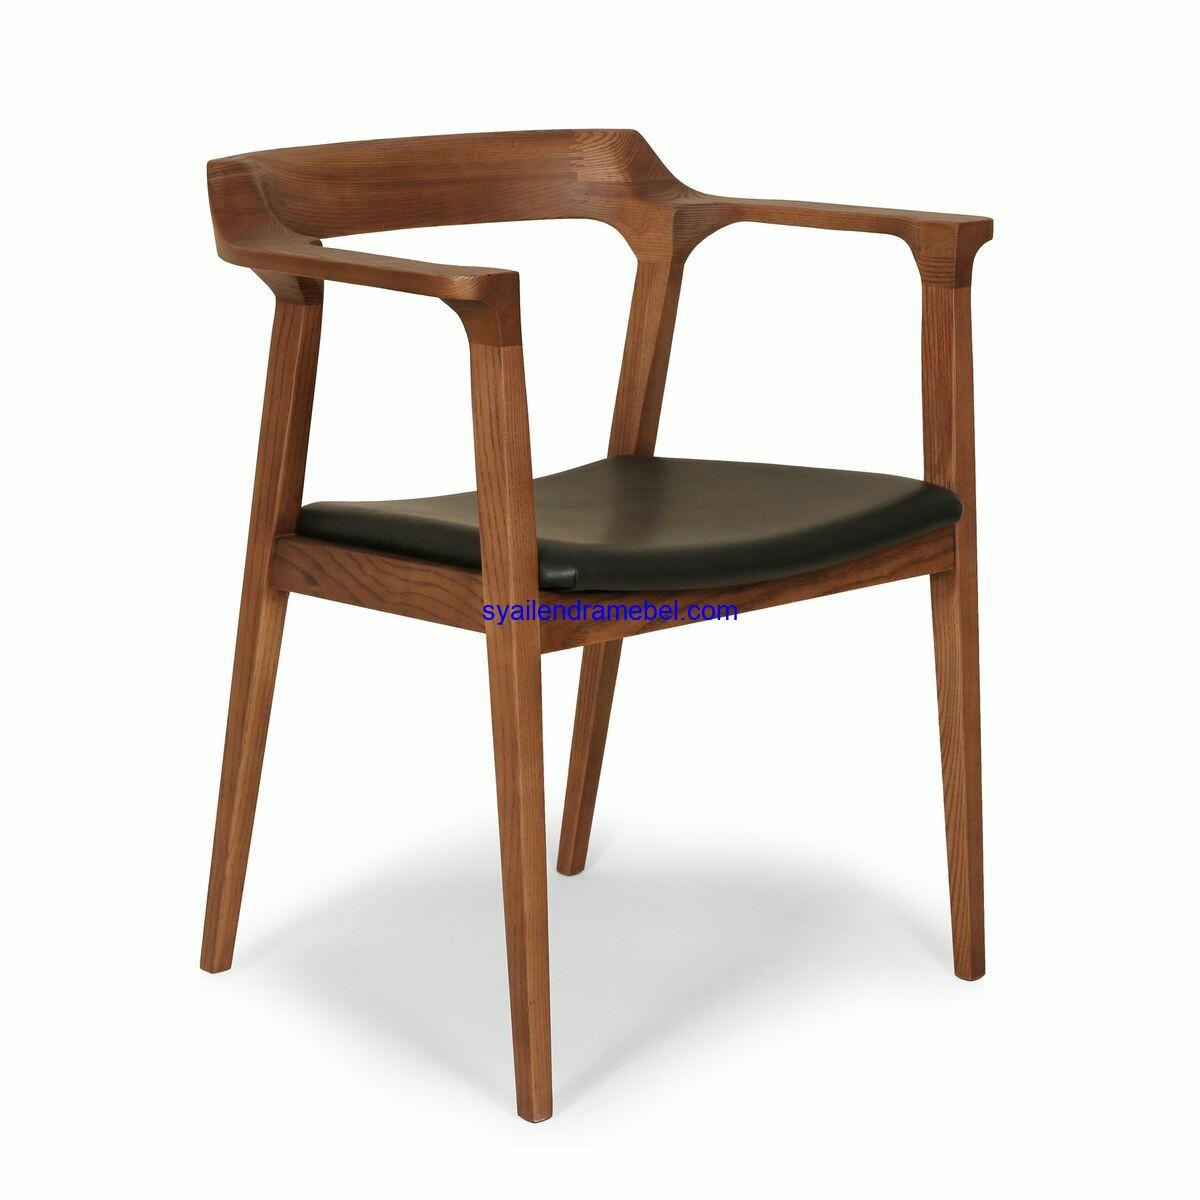 Kursi Makan Cafe Minimalis Jepara,kursi bar,kursi bar kayu,kursi bar minimalis,kursi bar stool,gambar kursi bar,set kursi cafe,kursi tiffany, set meja kursi cafe,jual kursi set cafe,harga set kursi cafe,kursi cafe,kursi cafe kayu,furniture kursi cafe,gambar kursi cafe,kursi meja cafe,kursi makan, meja kursi makan,meja makan,set kursi makan,meja makan minimalis,meja kursi makan terbaru,mebel jepara,furniture jepara,kursi cafe minimalis, kursi bar cafe murah,harga kursi bar cafe,model kursi bar cafe,gambar kursi bar minimalis,kursi bar jati jepara, kursi bar jati modern,kursi bar kayu murah,kursi bar kaki besi,kursi bar pendek,